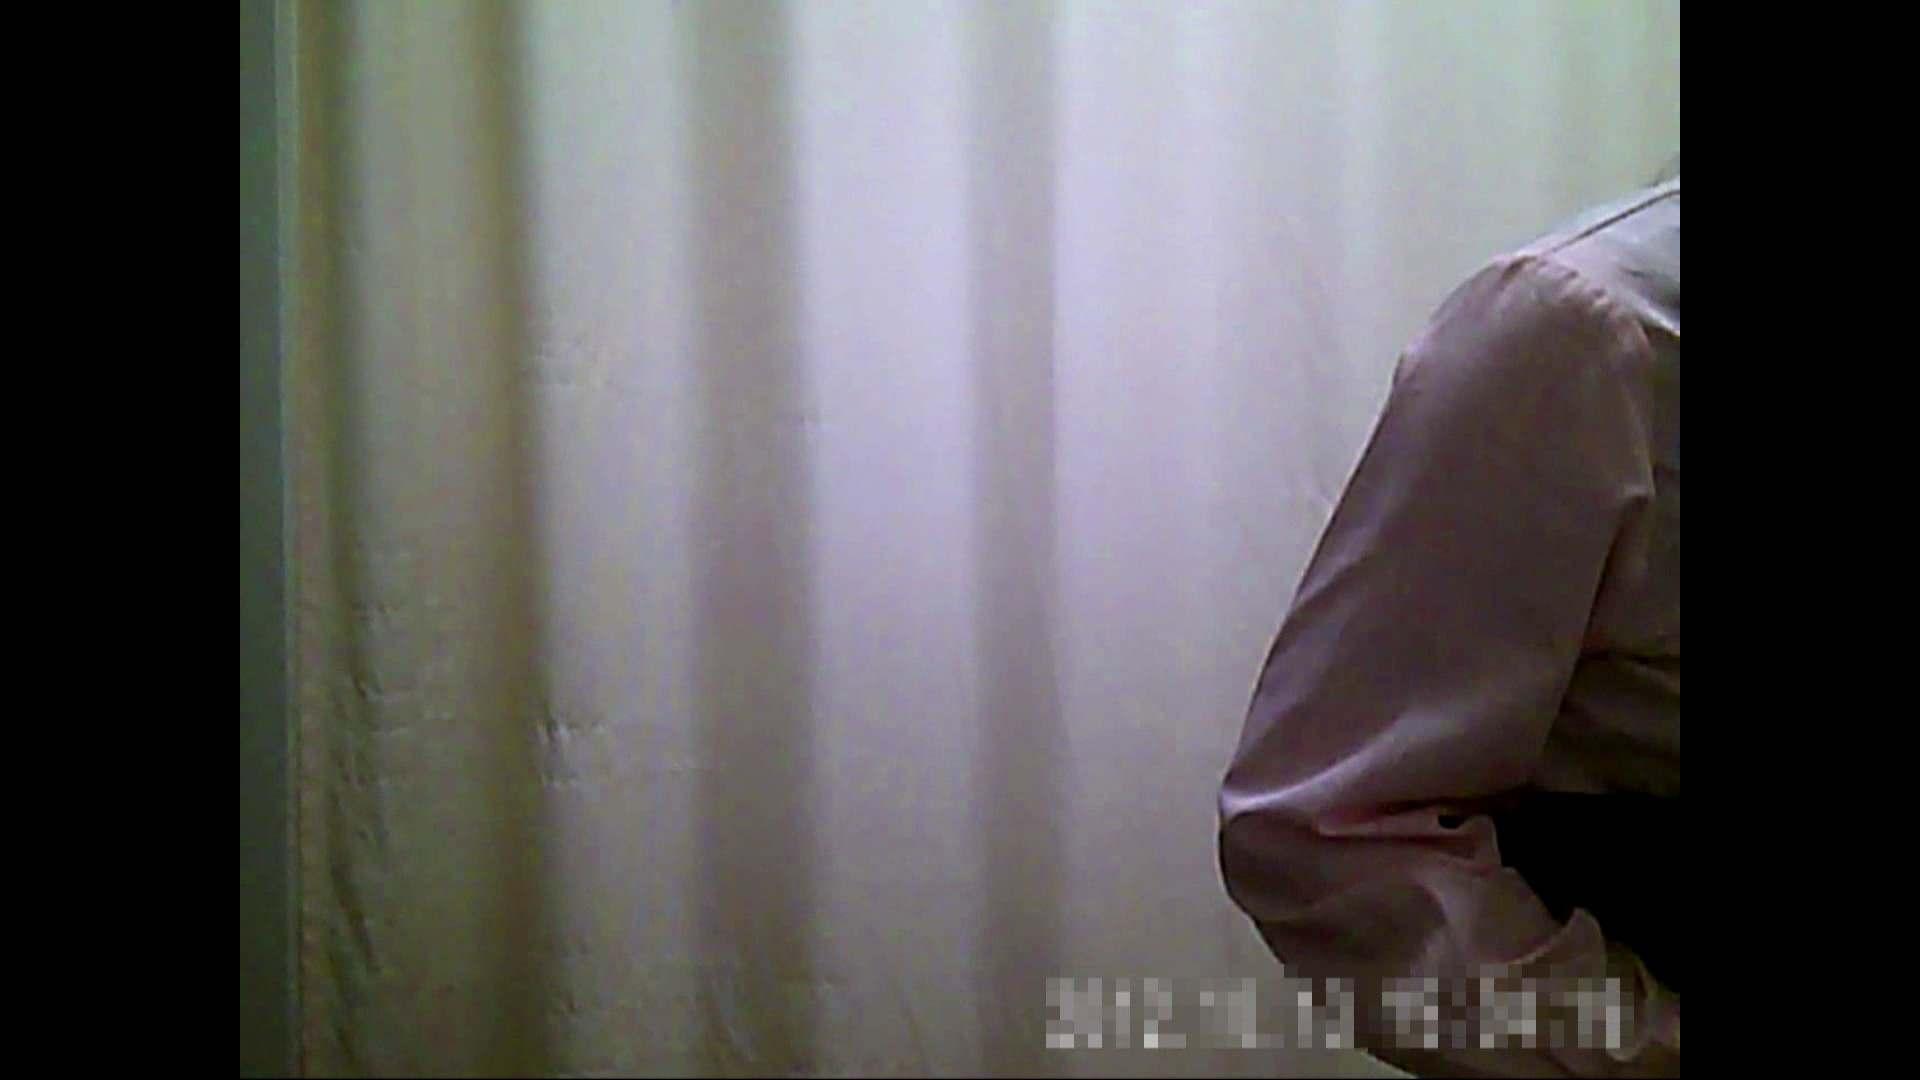 病院おもいっきり着替え! vol.237 乳首 隠し撮りオマンコ動画紹介 71PIX 68